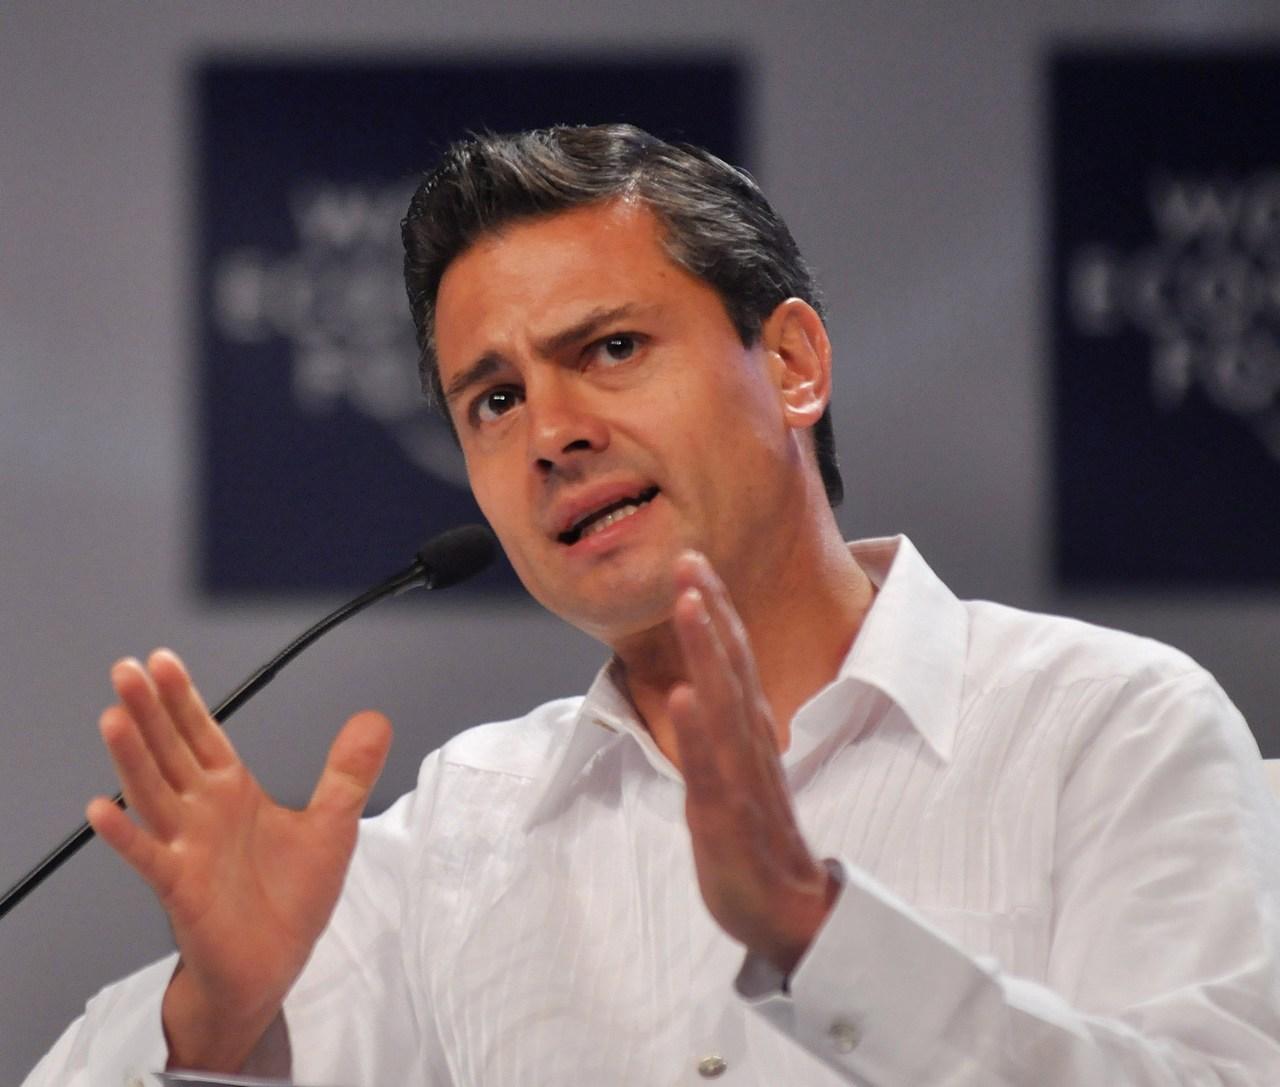 الرئيس المكسيكي أنريكي بينيا نييتو: هل ينجح في إصلاحاته؟